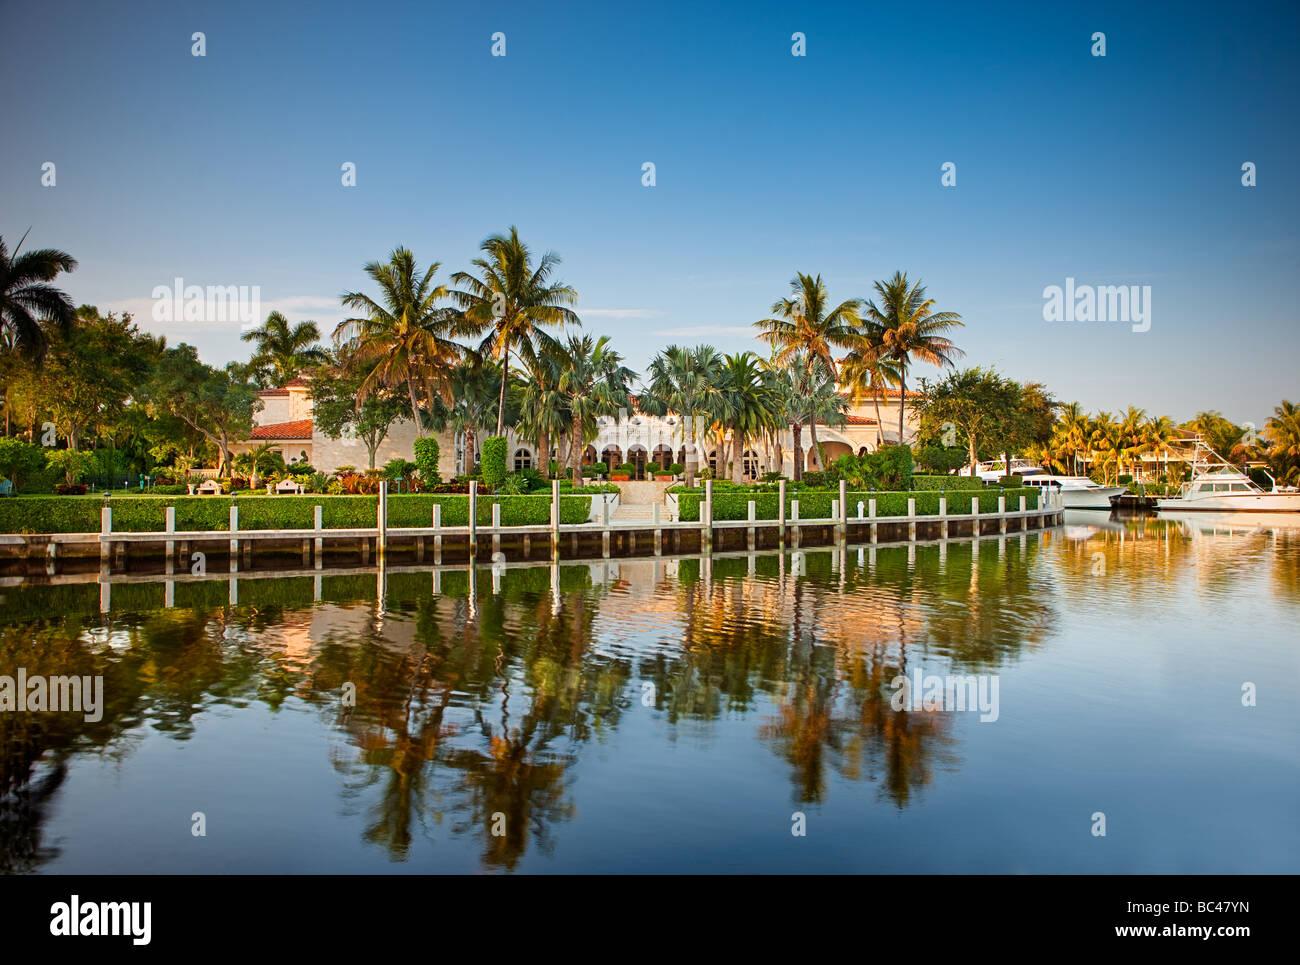 Una residencia de lujo en Florida en el Intracoastal waterway en Boca Raton, Florida Imagen De Stock